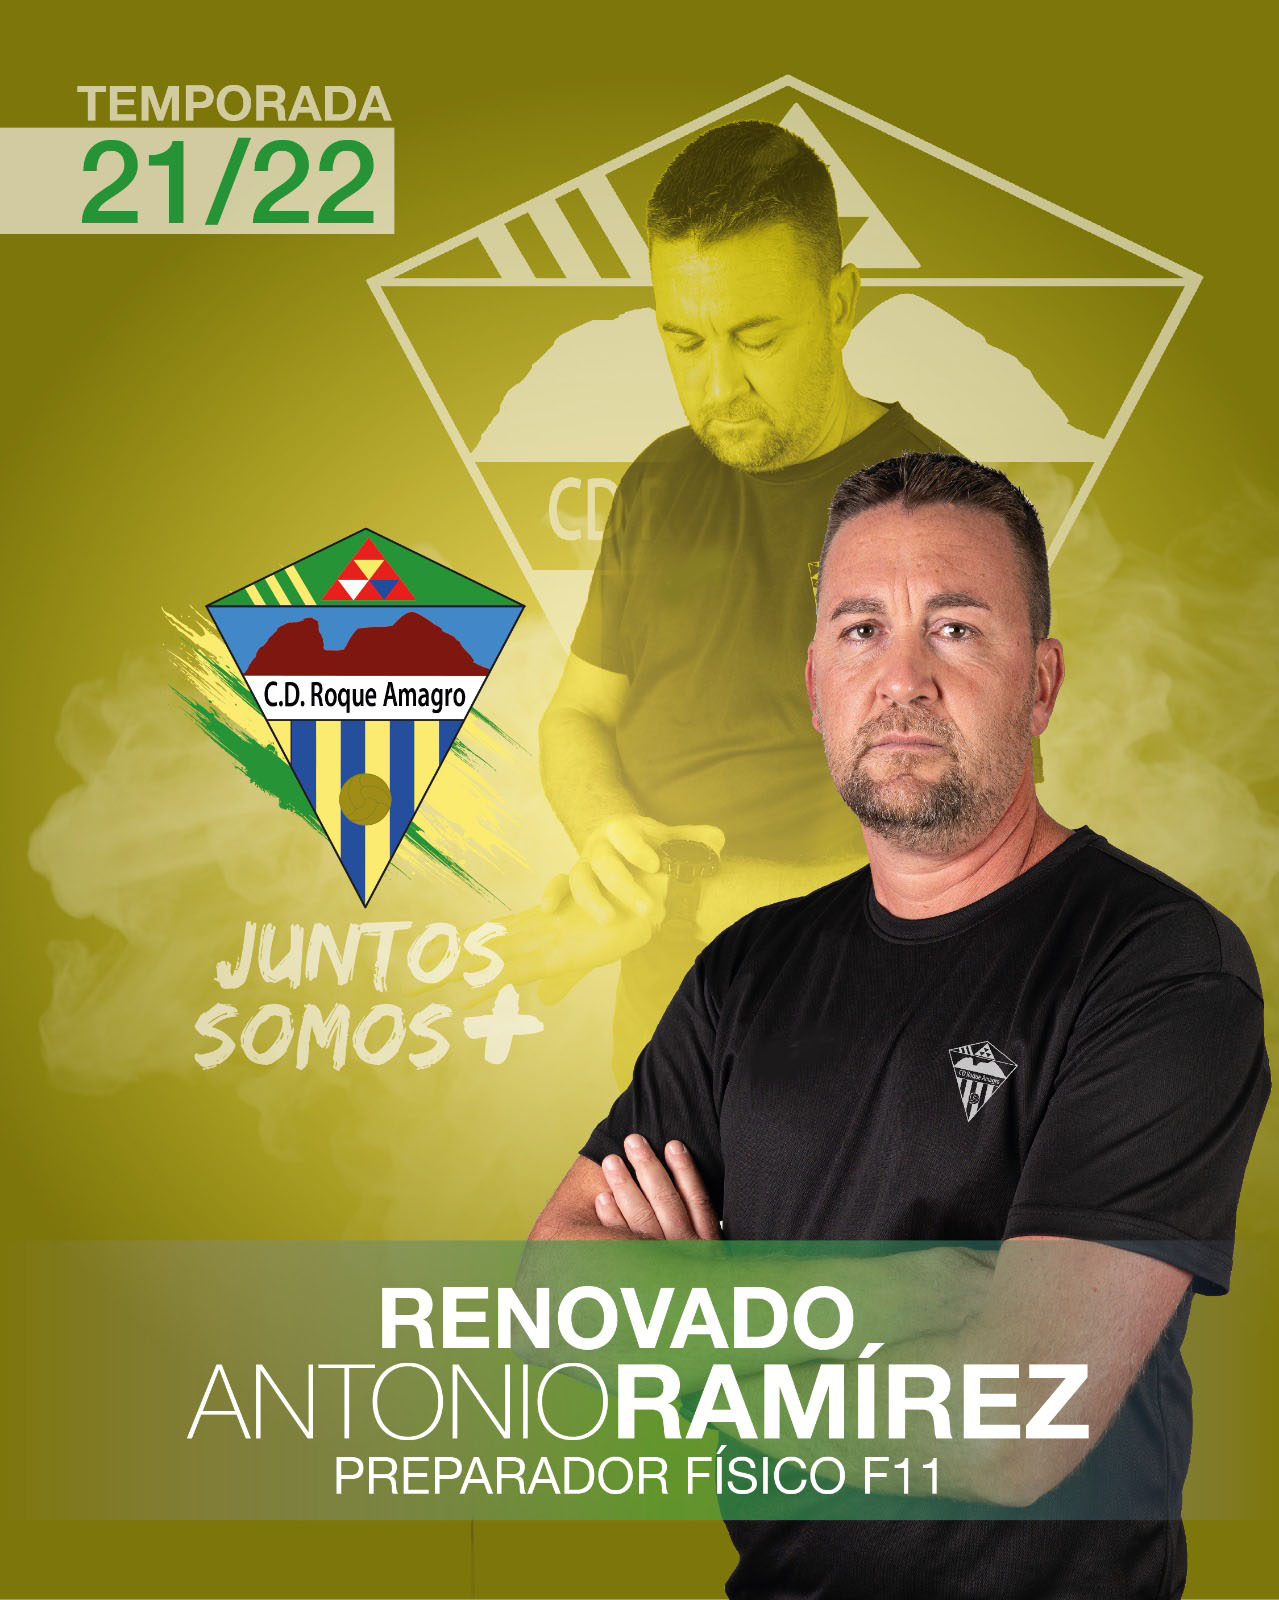 Antonio Ramírez, continuará una temporada más, como responsble de la Preparación Física del Fútbol 11